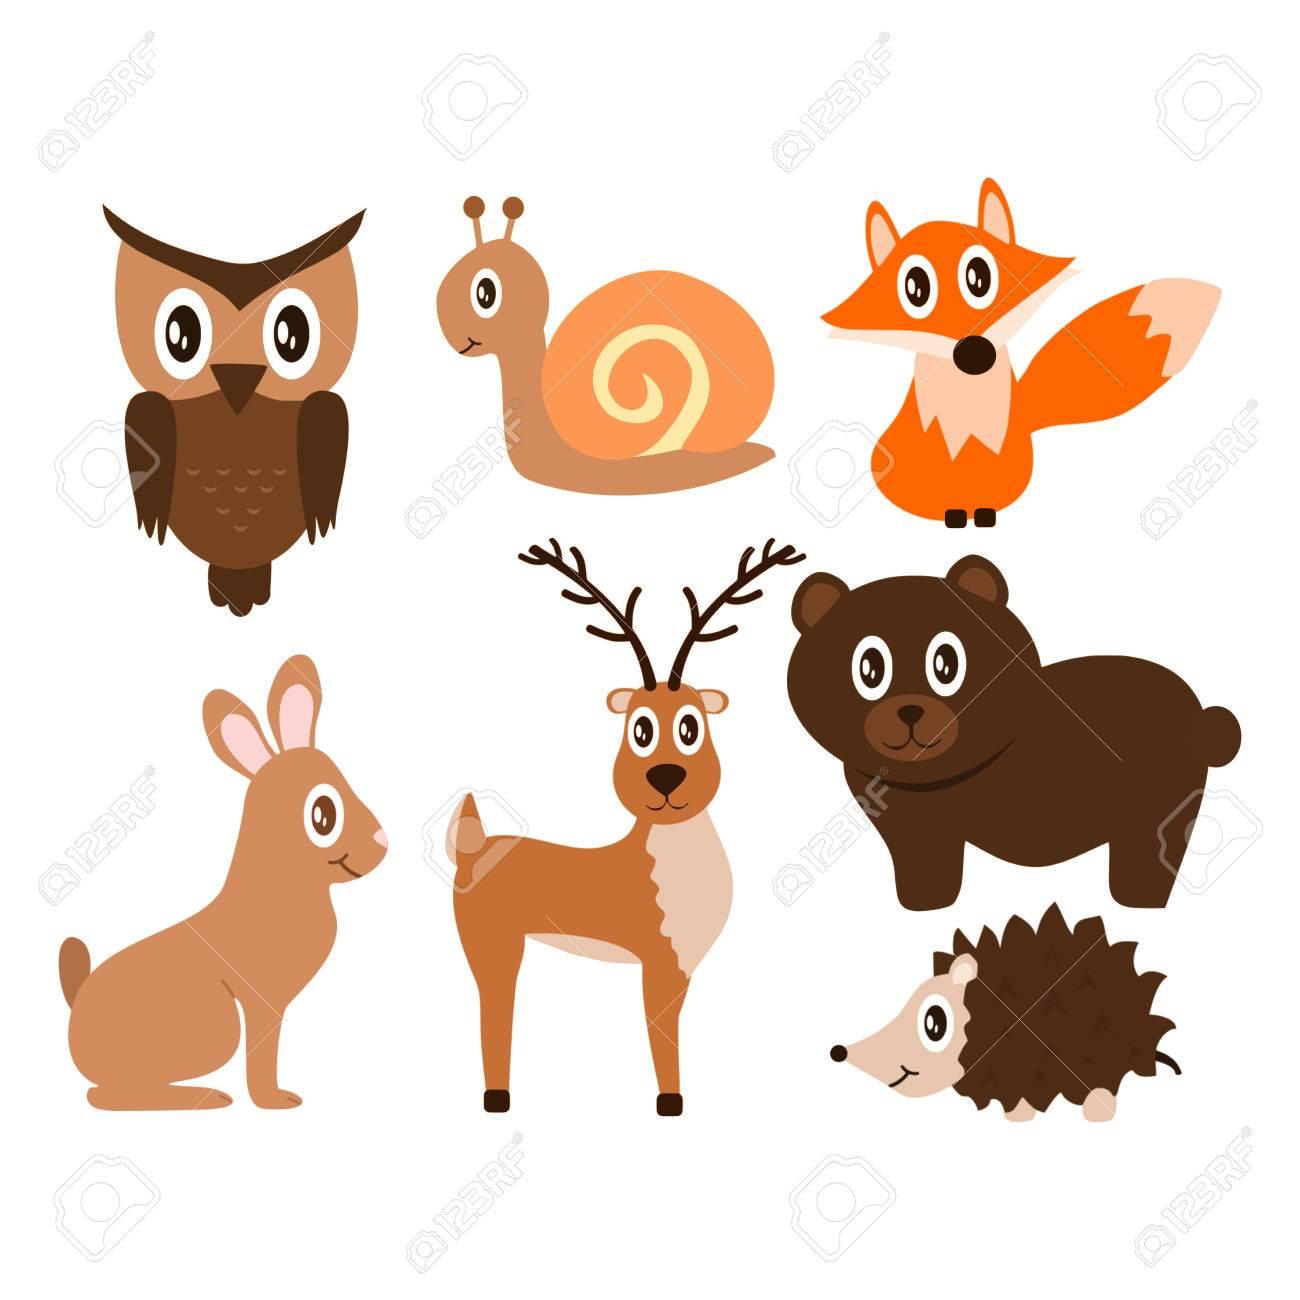 森のかわいい動物ベクトル イラスト ロイヤリティフリークリップアート